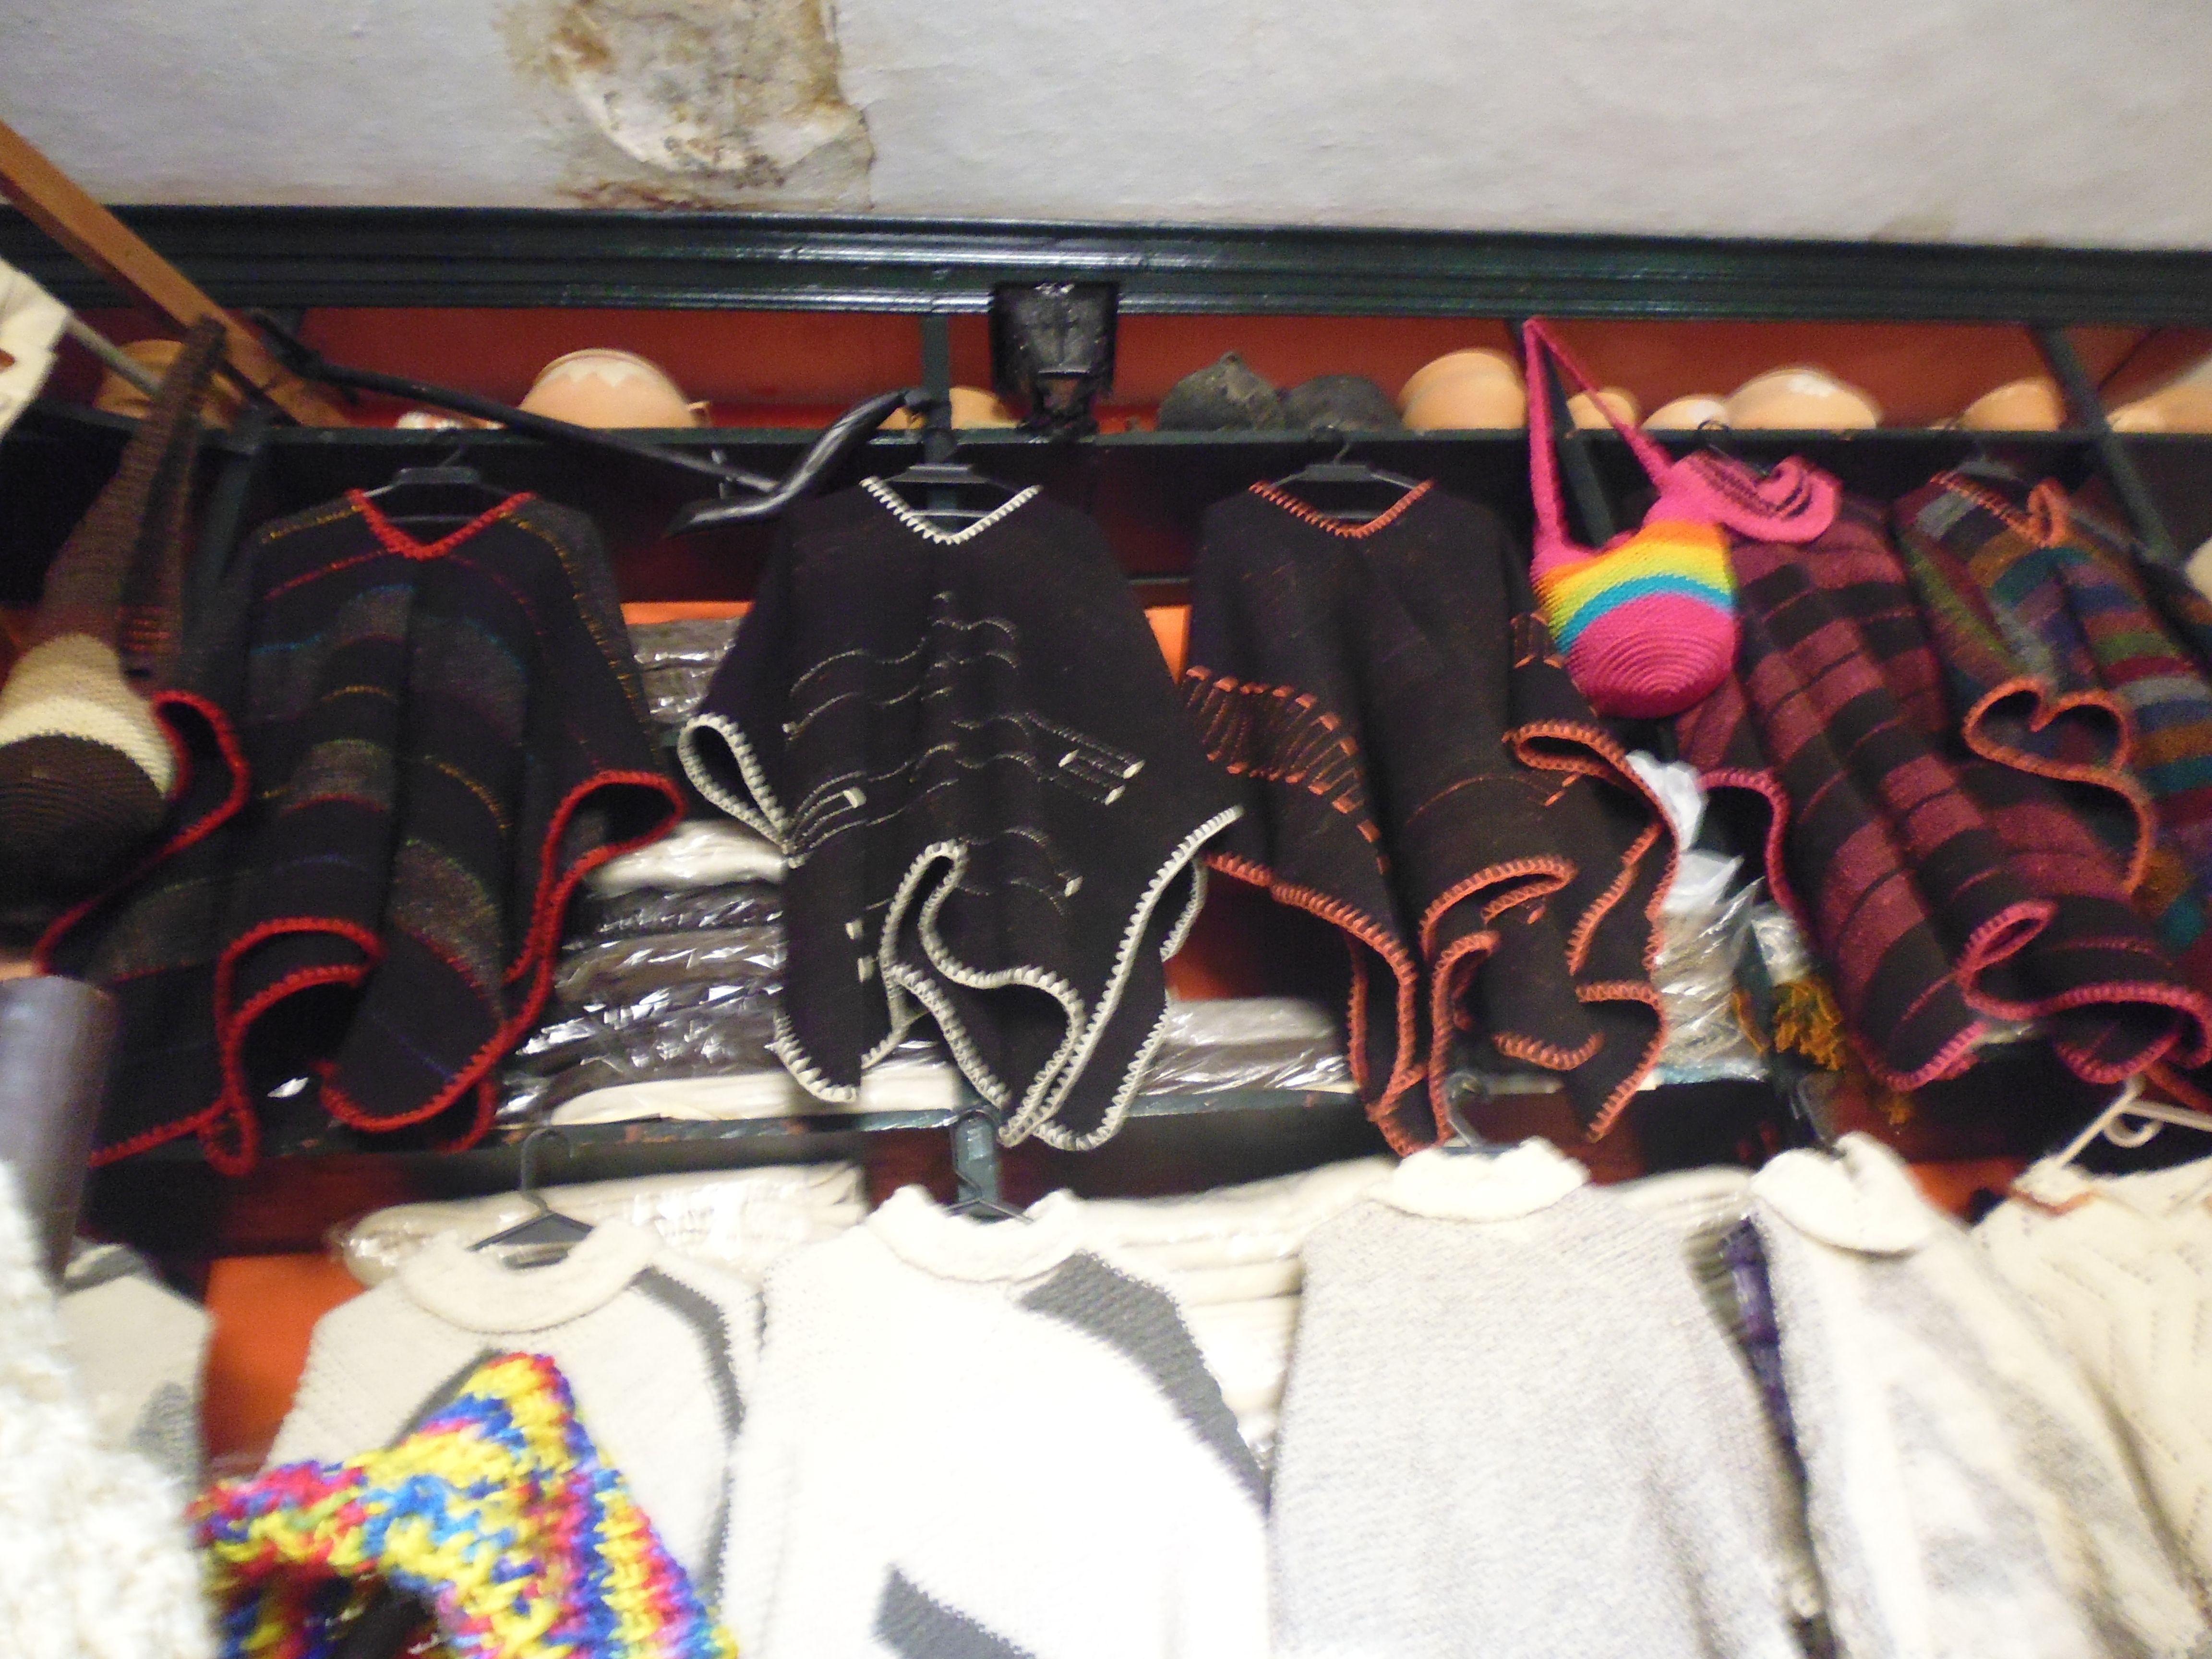 fabricación de ruanas y cobijas en pura lana es muy necesaria.....